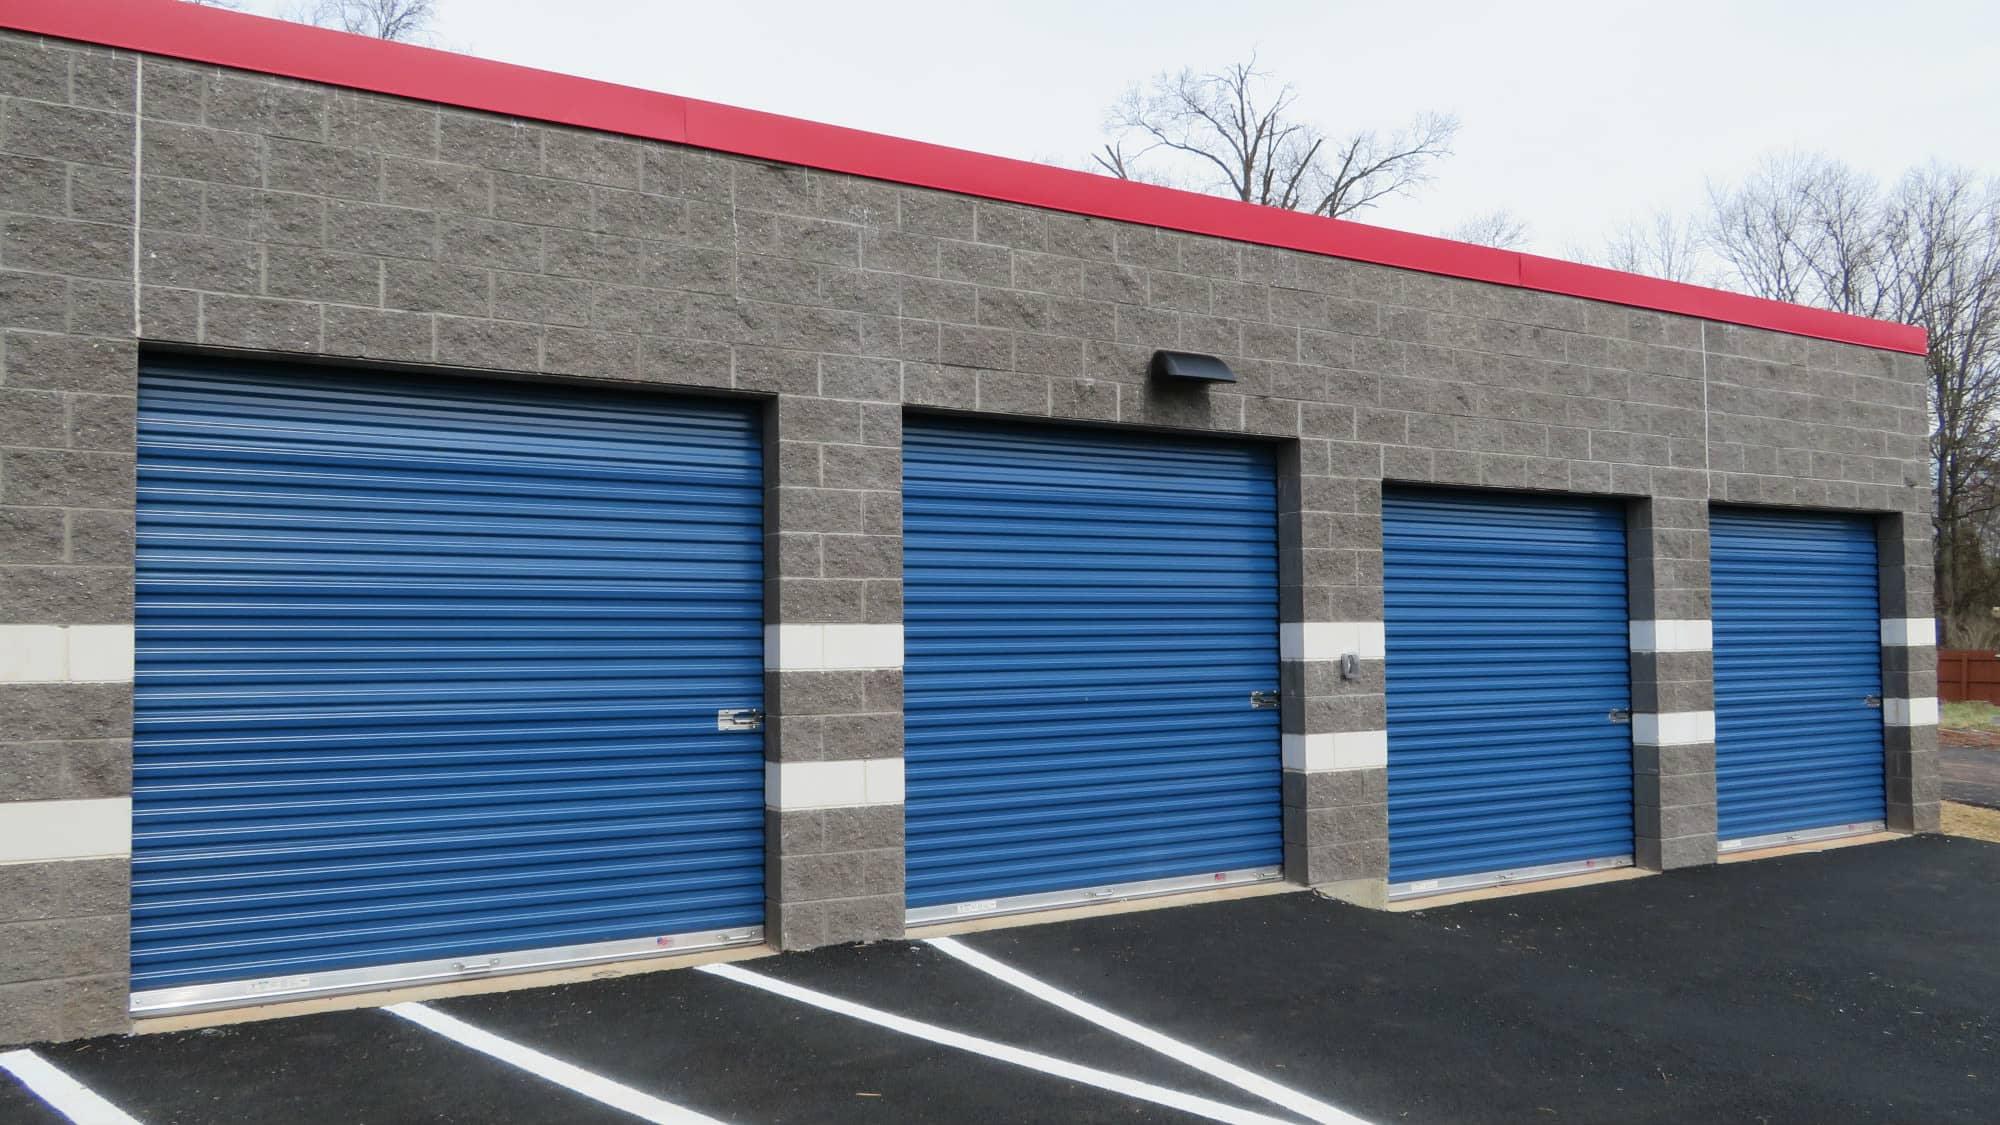 Large roll-up door at Park 'N' Space Self Storage in Manassas, Virginia